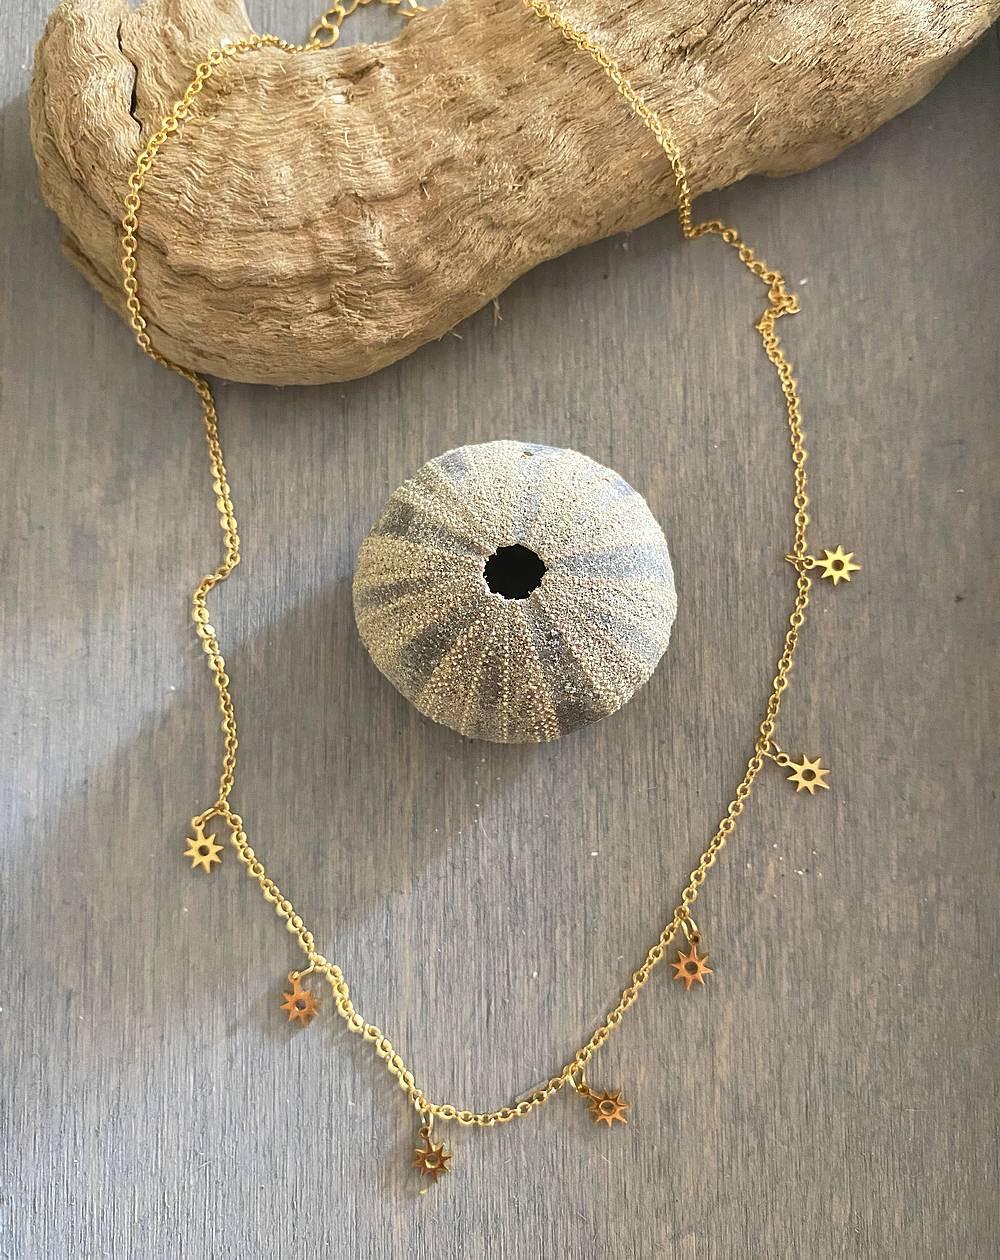 Collier médaillons soleils ajourés et dorés en acier inoxydable